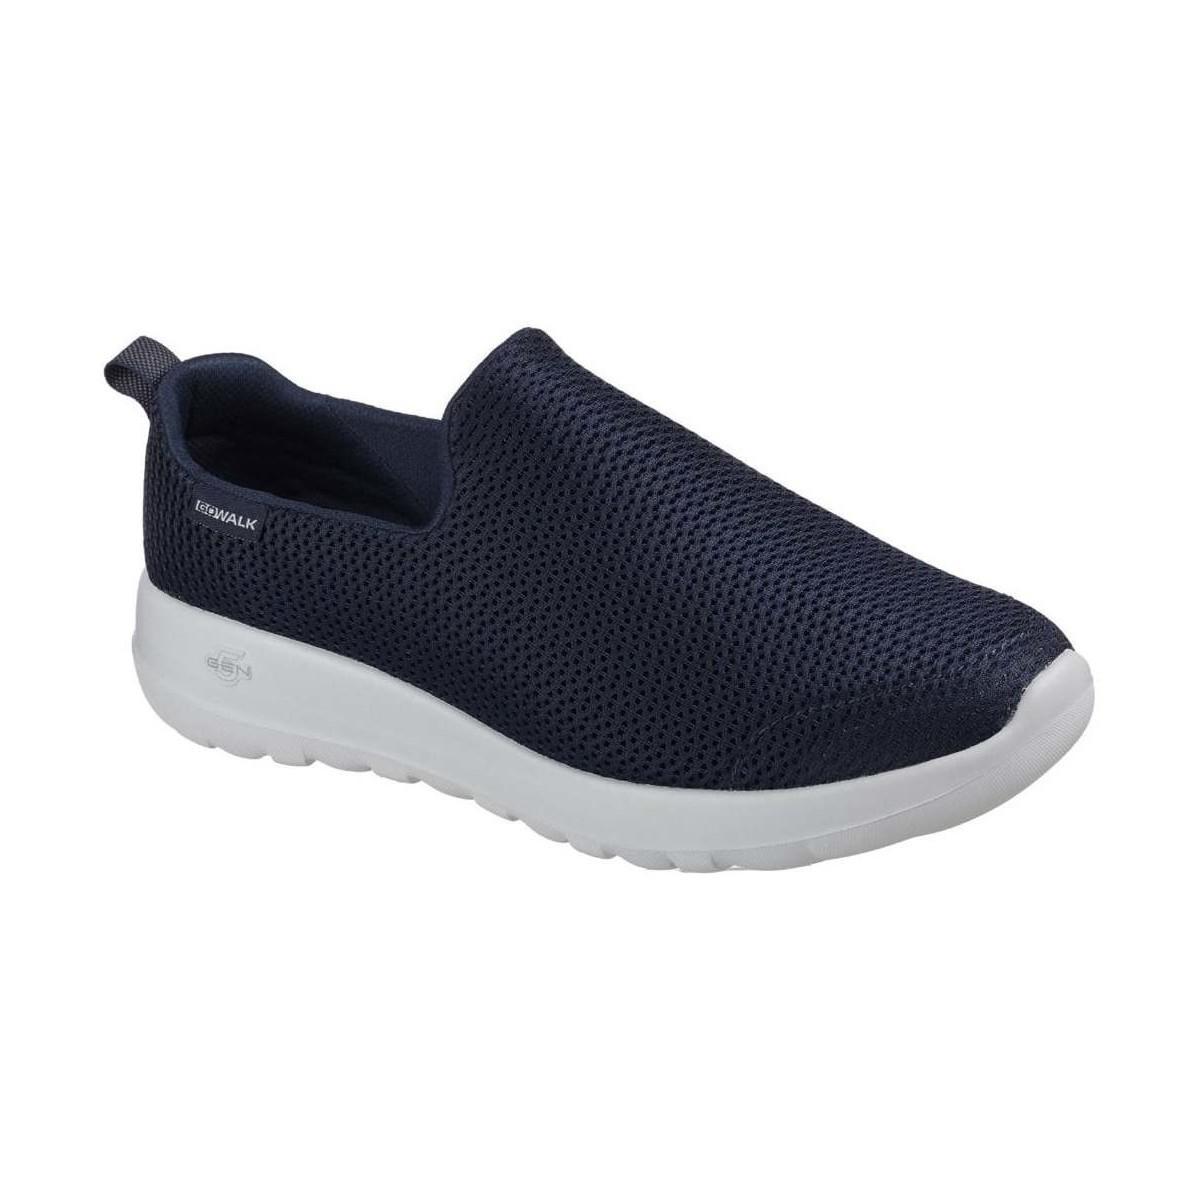 Skechers Gowalk Max - Final Sale in Navy (Blue) for Men